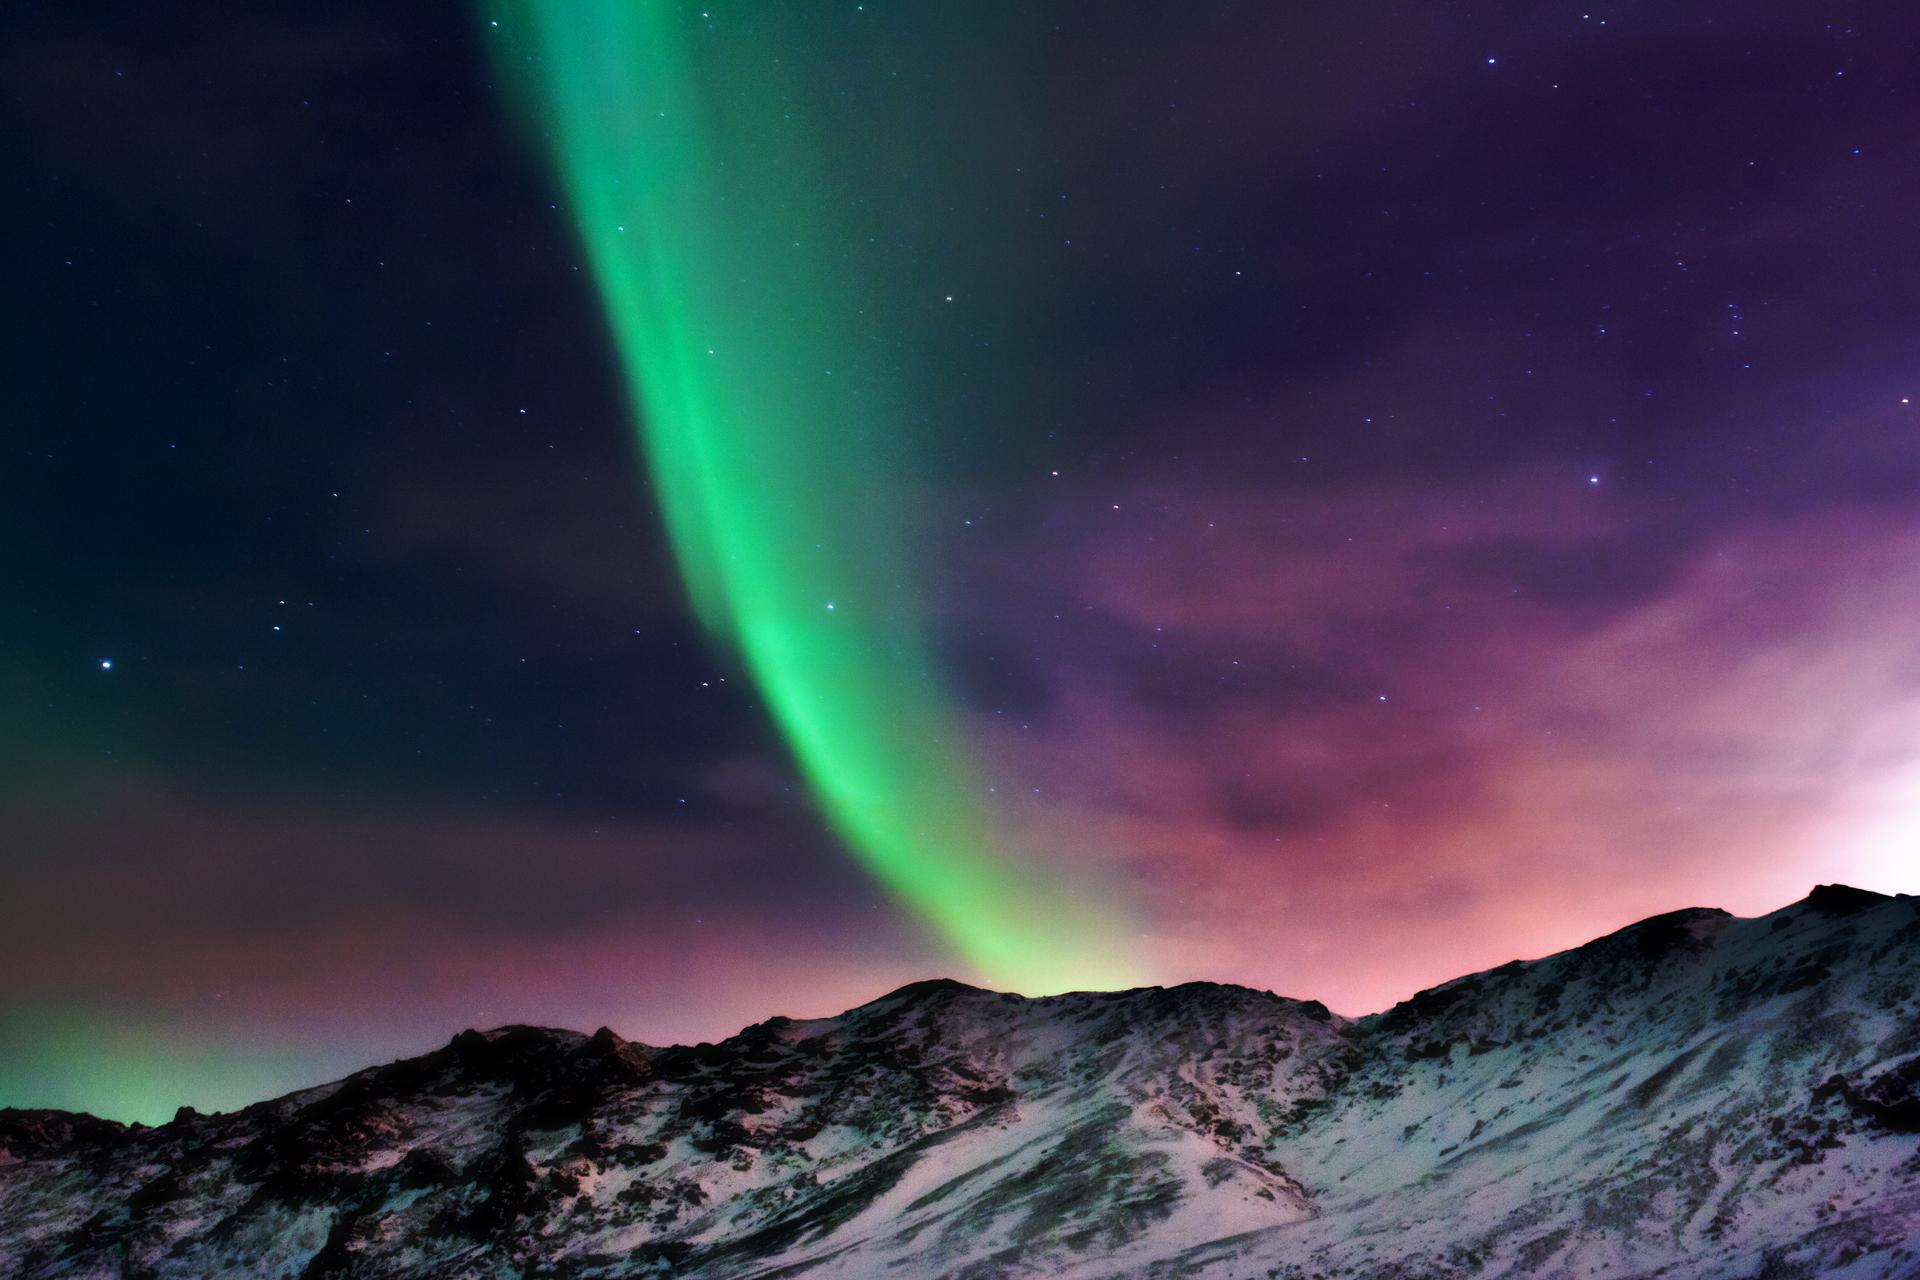 Aurora boreale sfondi per pc 1920x1280 id 432523 for Sfondi aurora boreale